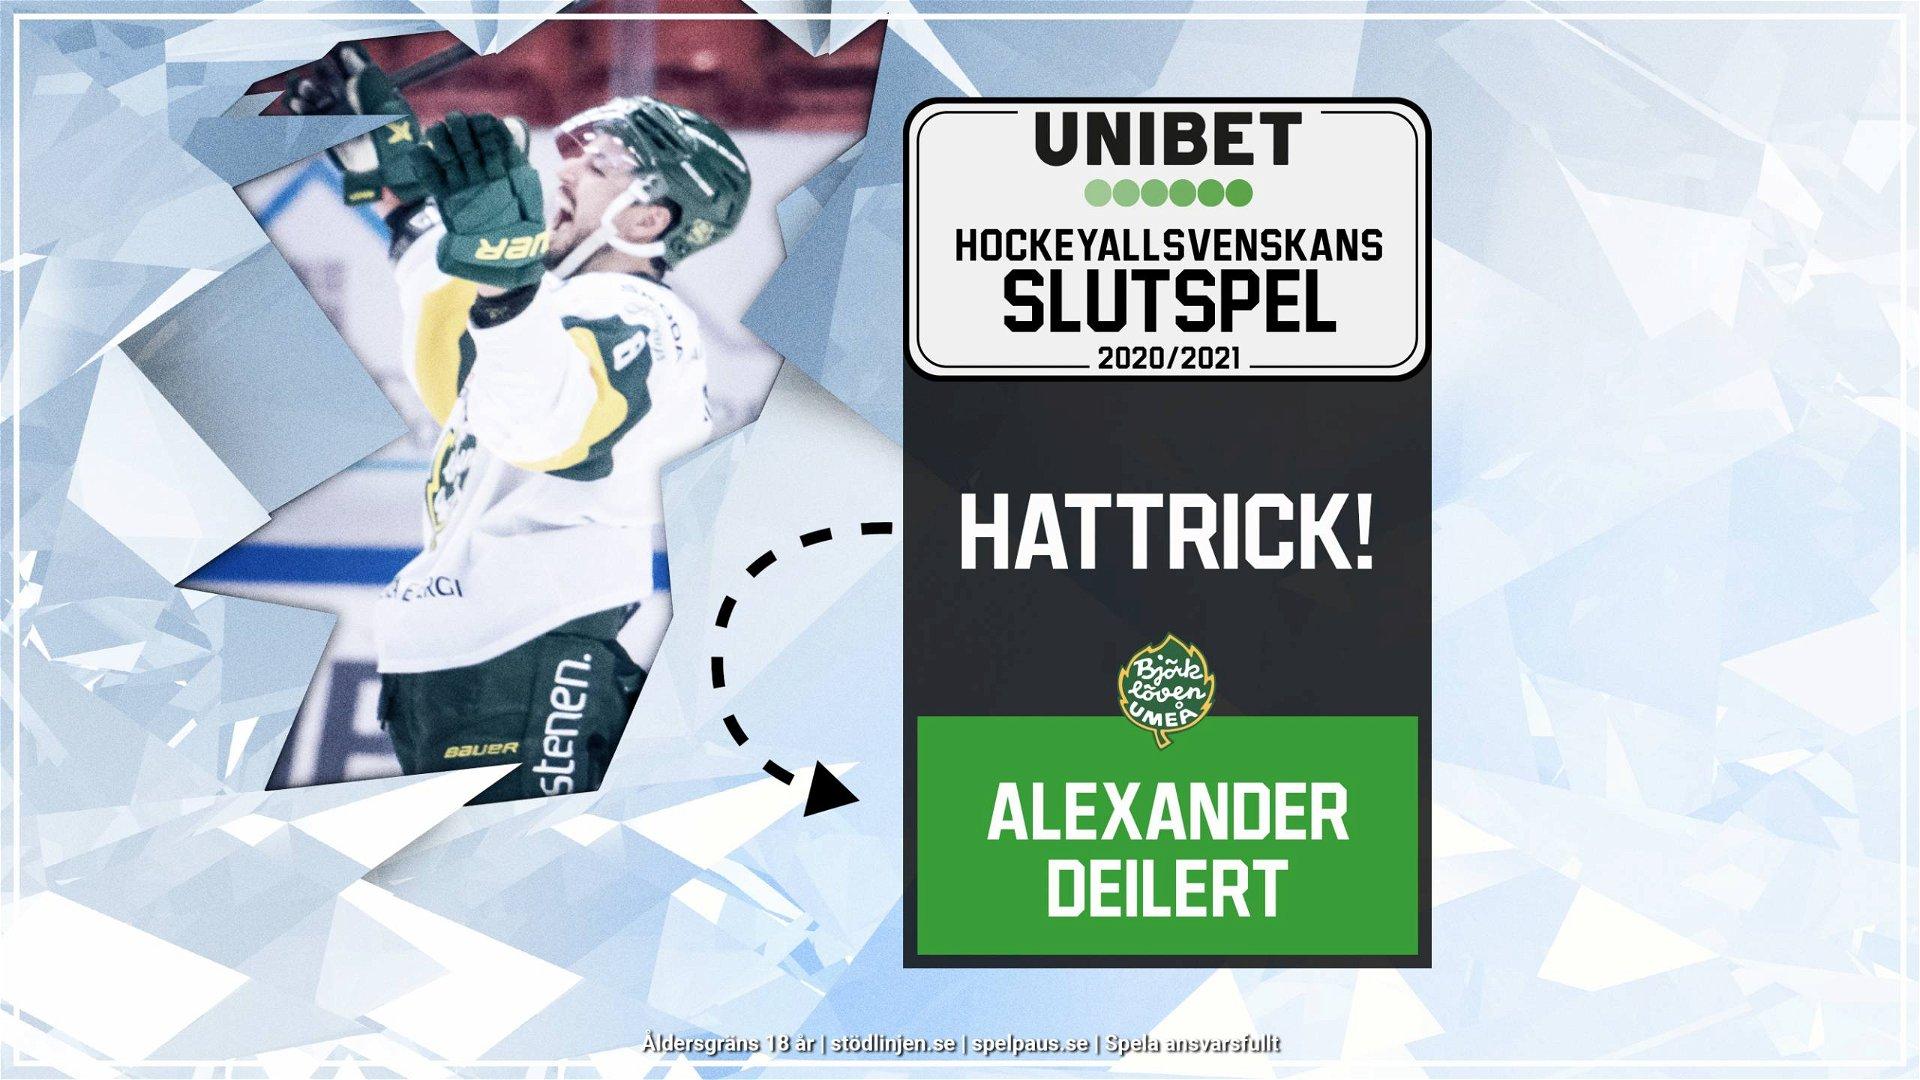 Hattrick: Alexander Deilert, Björklöven